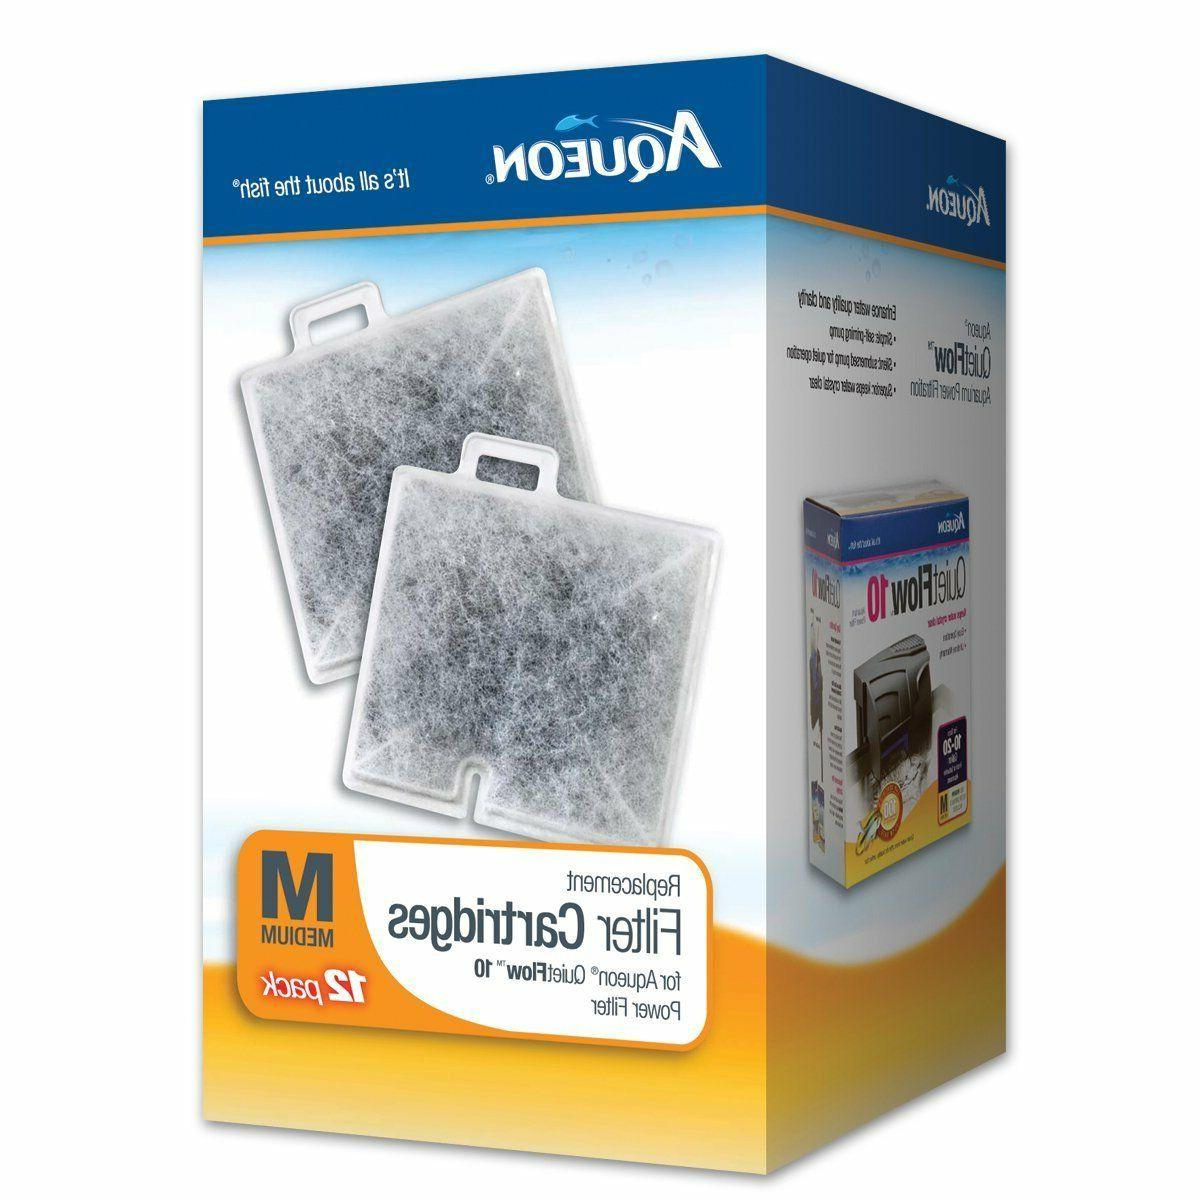 Aqueon QuietFlow Replacement Filter Cartridge - Medium  Free